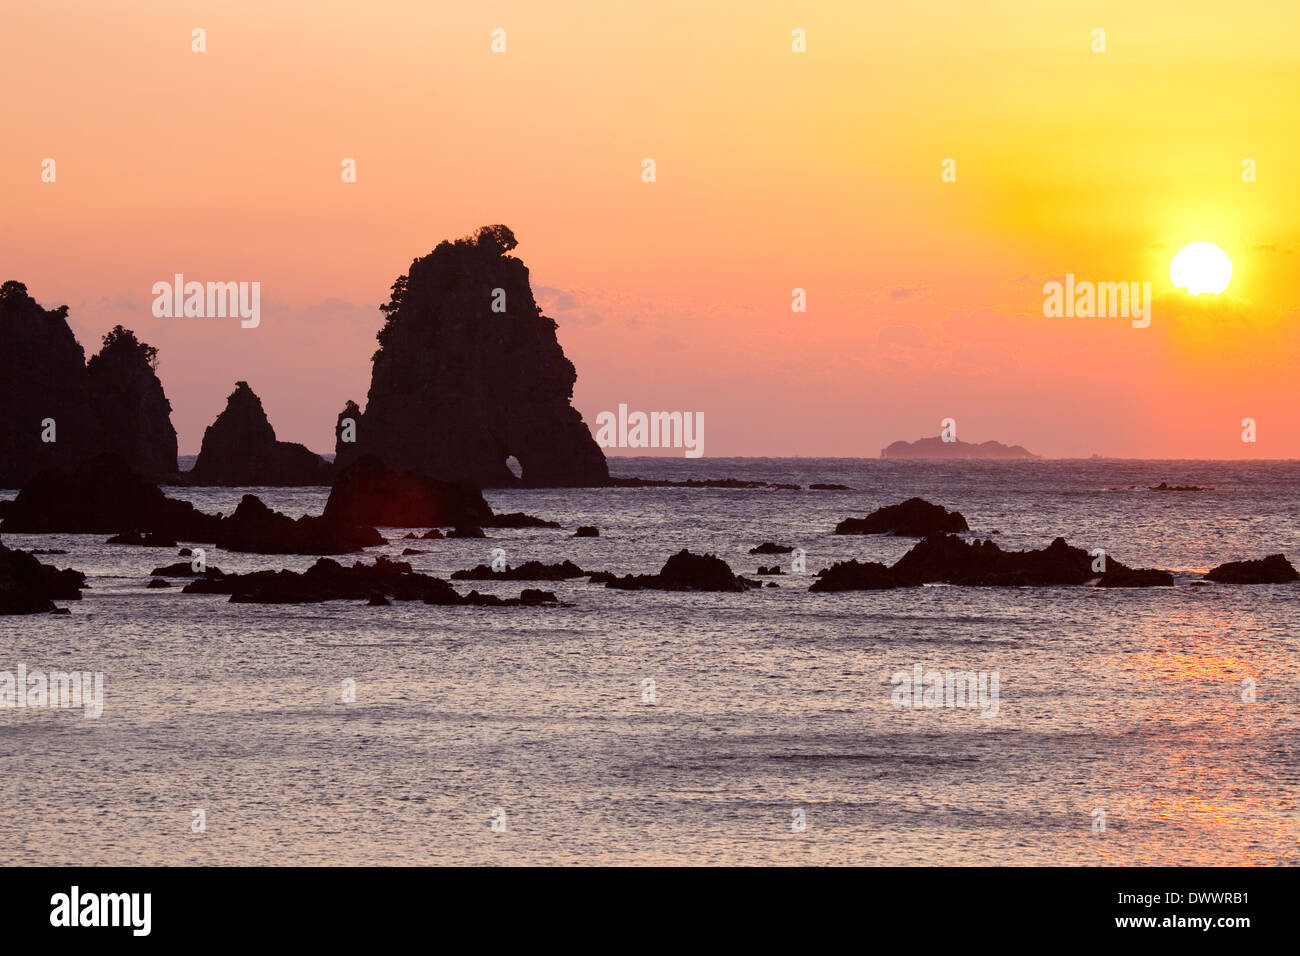 Minokake Iwa, Shizuoka Prefecture, Japan - Stock Image